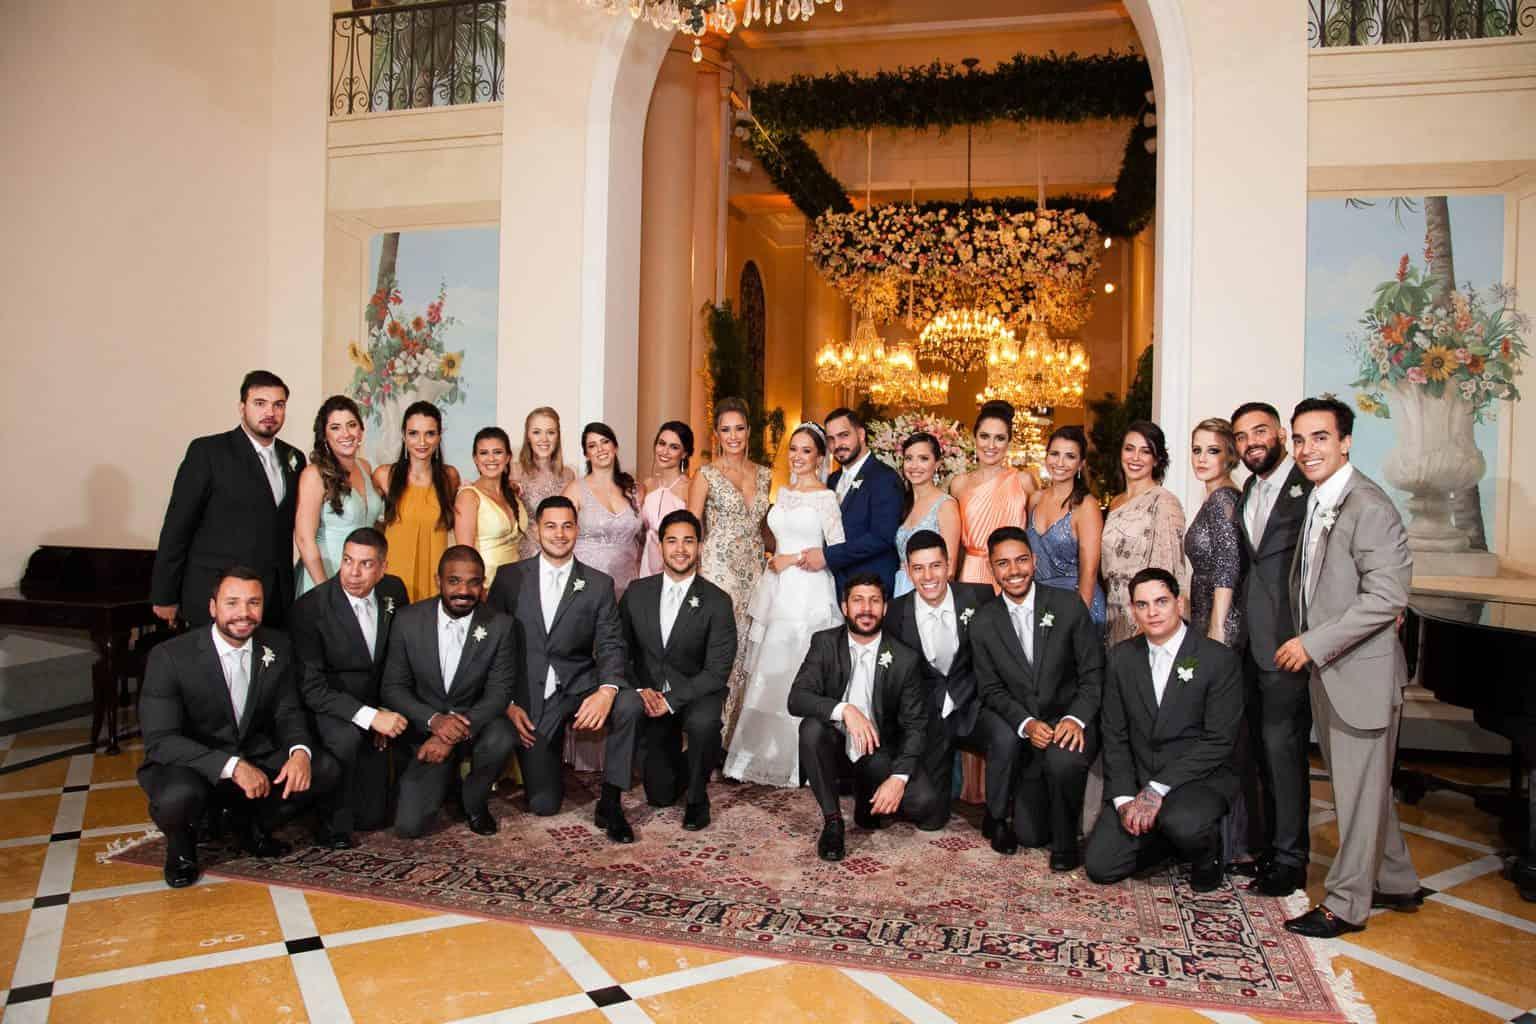 Casamento-Clássico-Casamento-tradicional-Copacabana-Palace-Monica-Roias-Padrinhos-Ribas-Foto-e-Vídeo-Tuanny-e-Bernardo-CaseMe